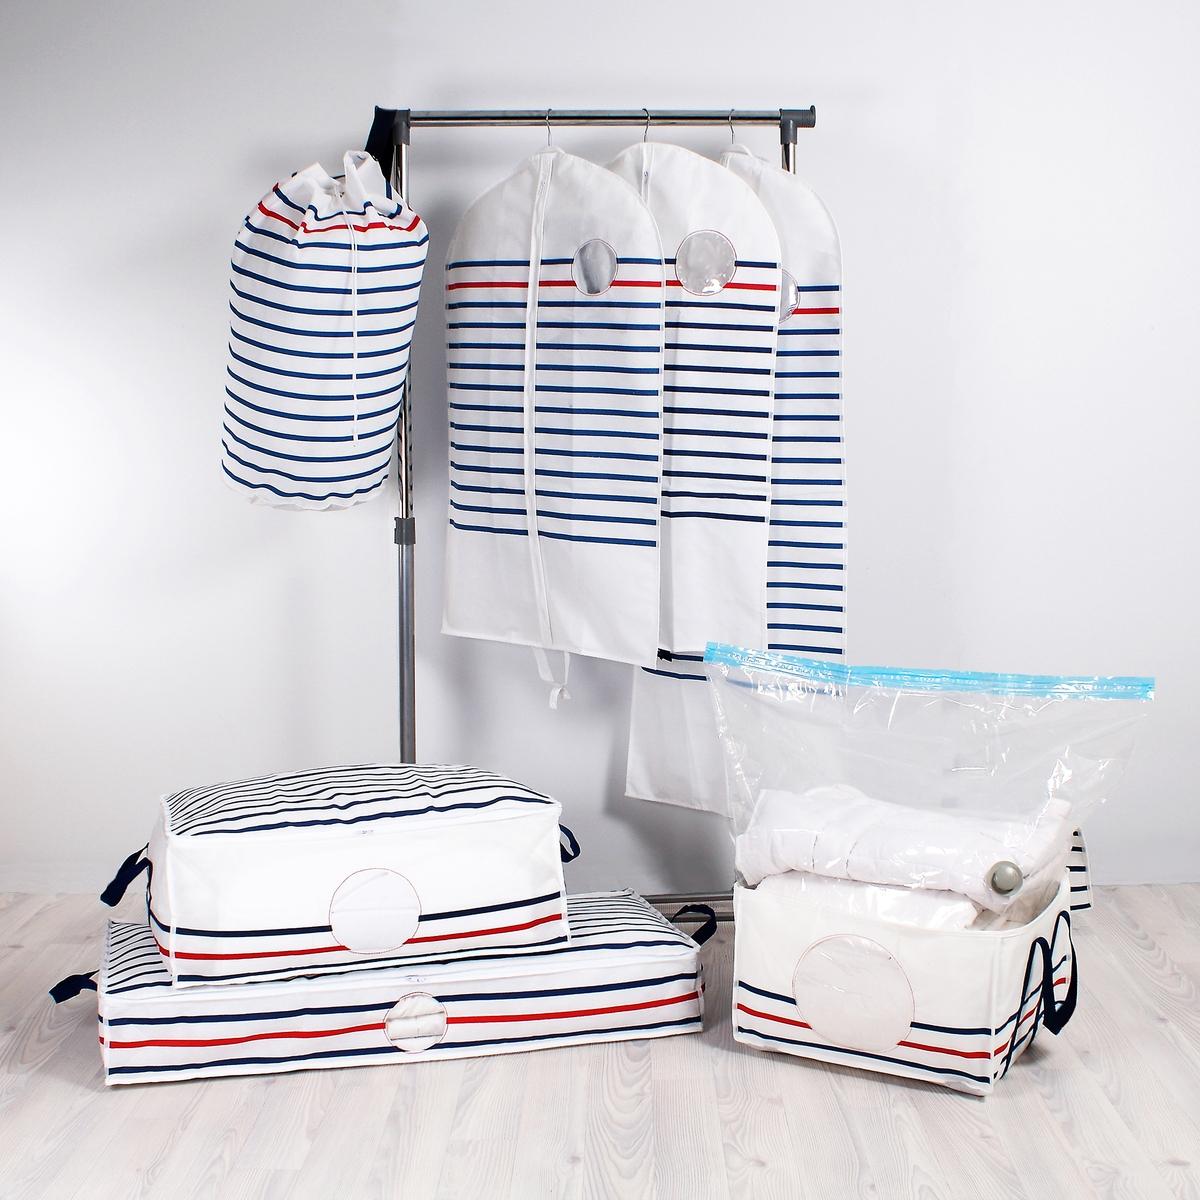 Комплект из 2 чехлов для одежды BazilХраните одежду и организуйте пространство с помощью защитных чехлов с принтом в морском стиле. Комплект из 2 чехлов. Подходят для короткой одежды.Характеристики чехла:- Нетканый, 100% полипропилена, с принтом в голубую/красную полоску на белом фоне.- 2 ручки для переноски позволяют сложить чехол вдвое, отверстие для вешалки-плечиков.- Застежка на молнию.- Прозрачная вставка.Размеры чехла:Ширина 60 см.Высота 100 см (для курток).Найдите все чехлы для хранения Bazil на сайте laredoute.ru.<br><br>Цвет: в полоску белый/темно-синий